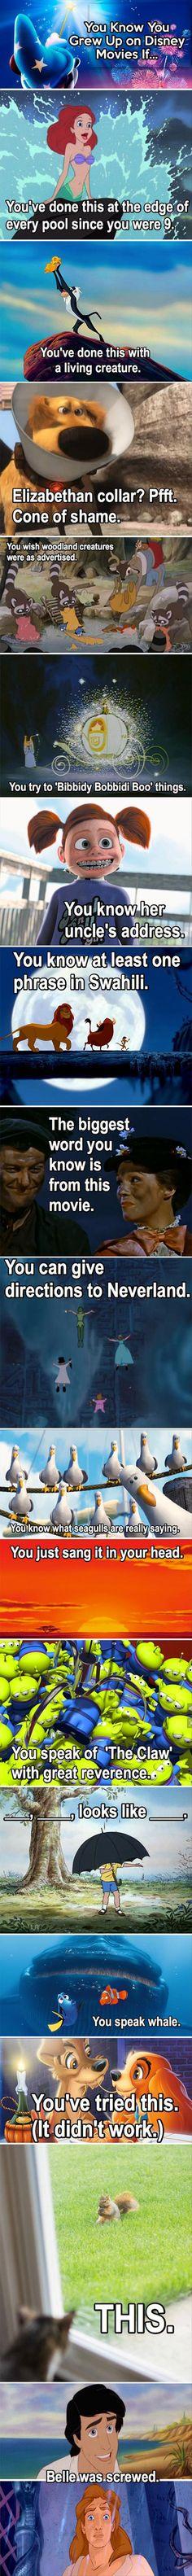 Disney in real life #disney